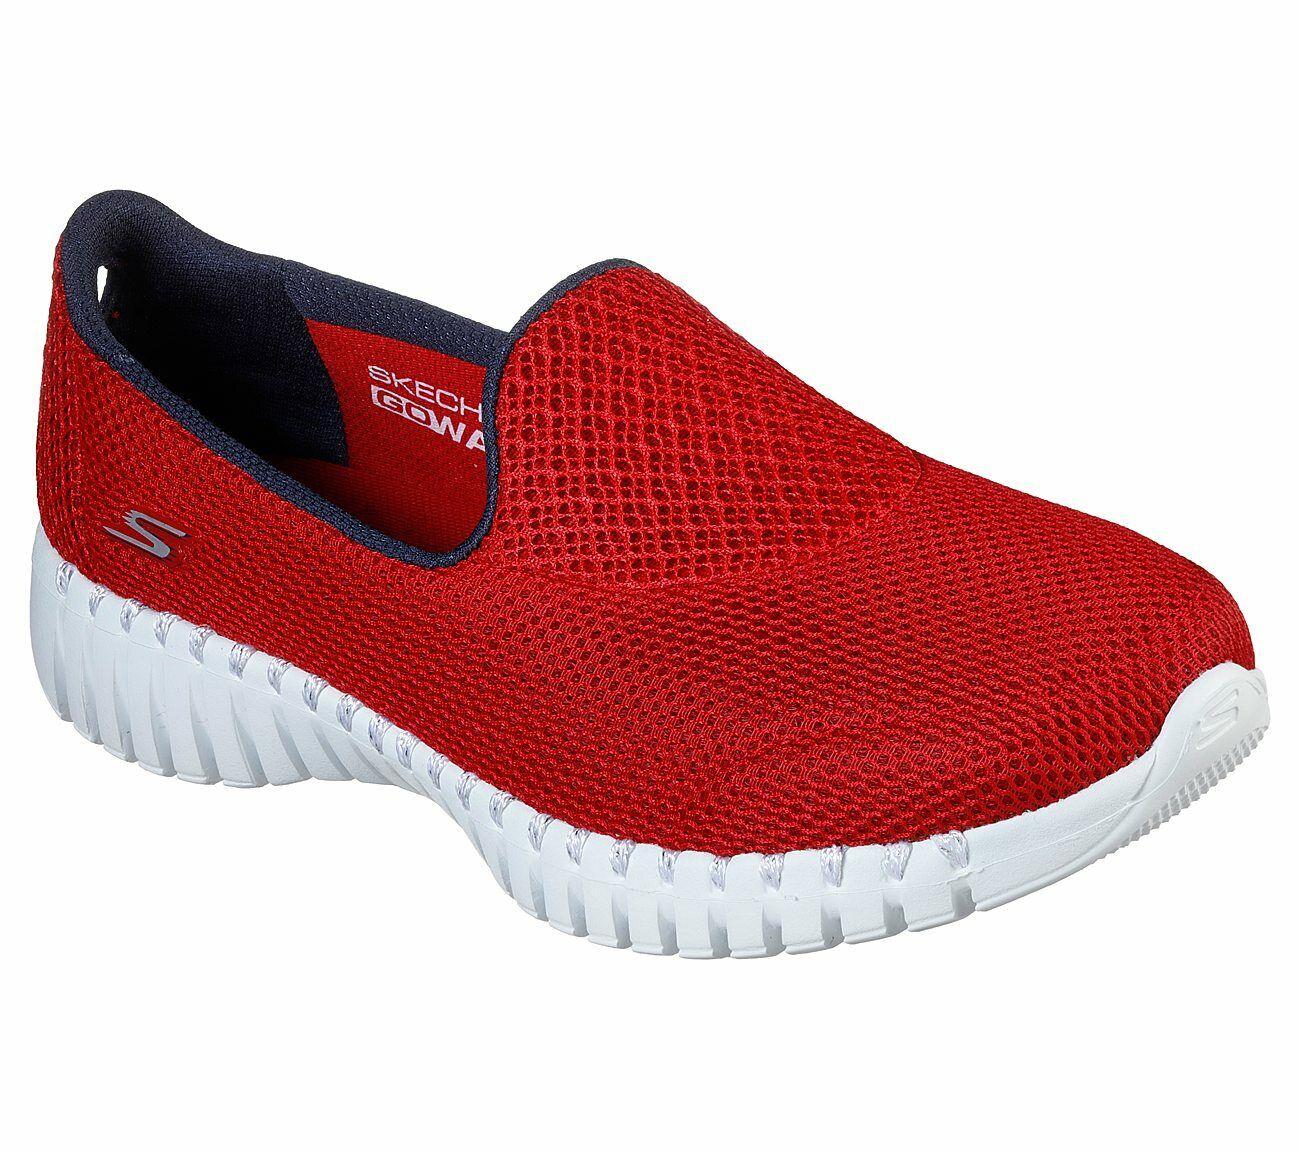 Skechers Shoes Red Go Walk Smart Women's Casual Slip On Comfort Sport Mesh 16708